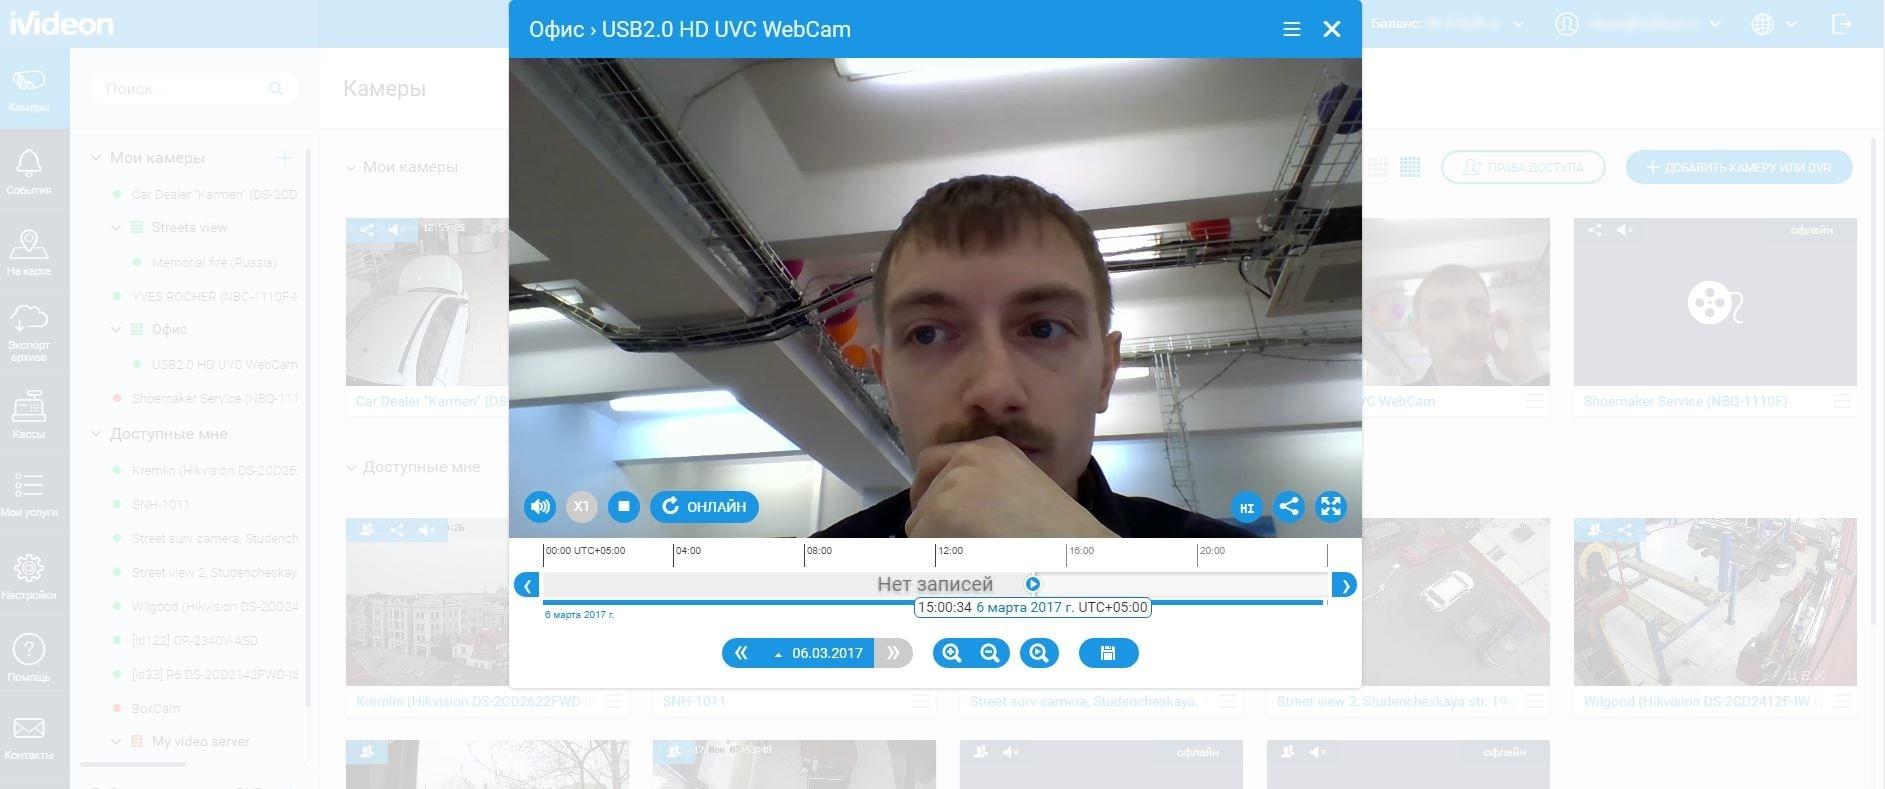 Как сделать веб камеру в скайп